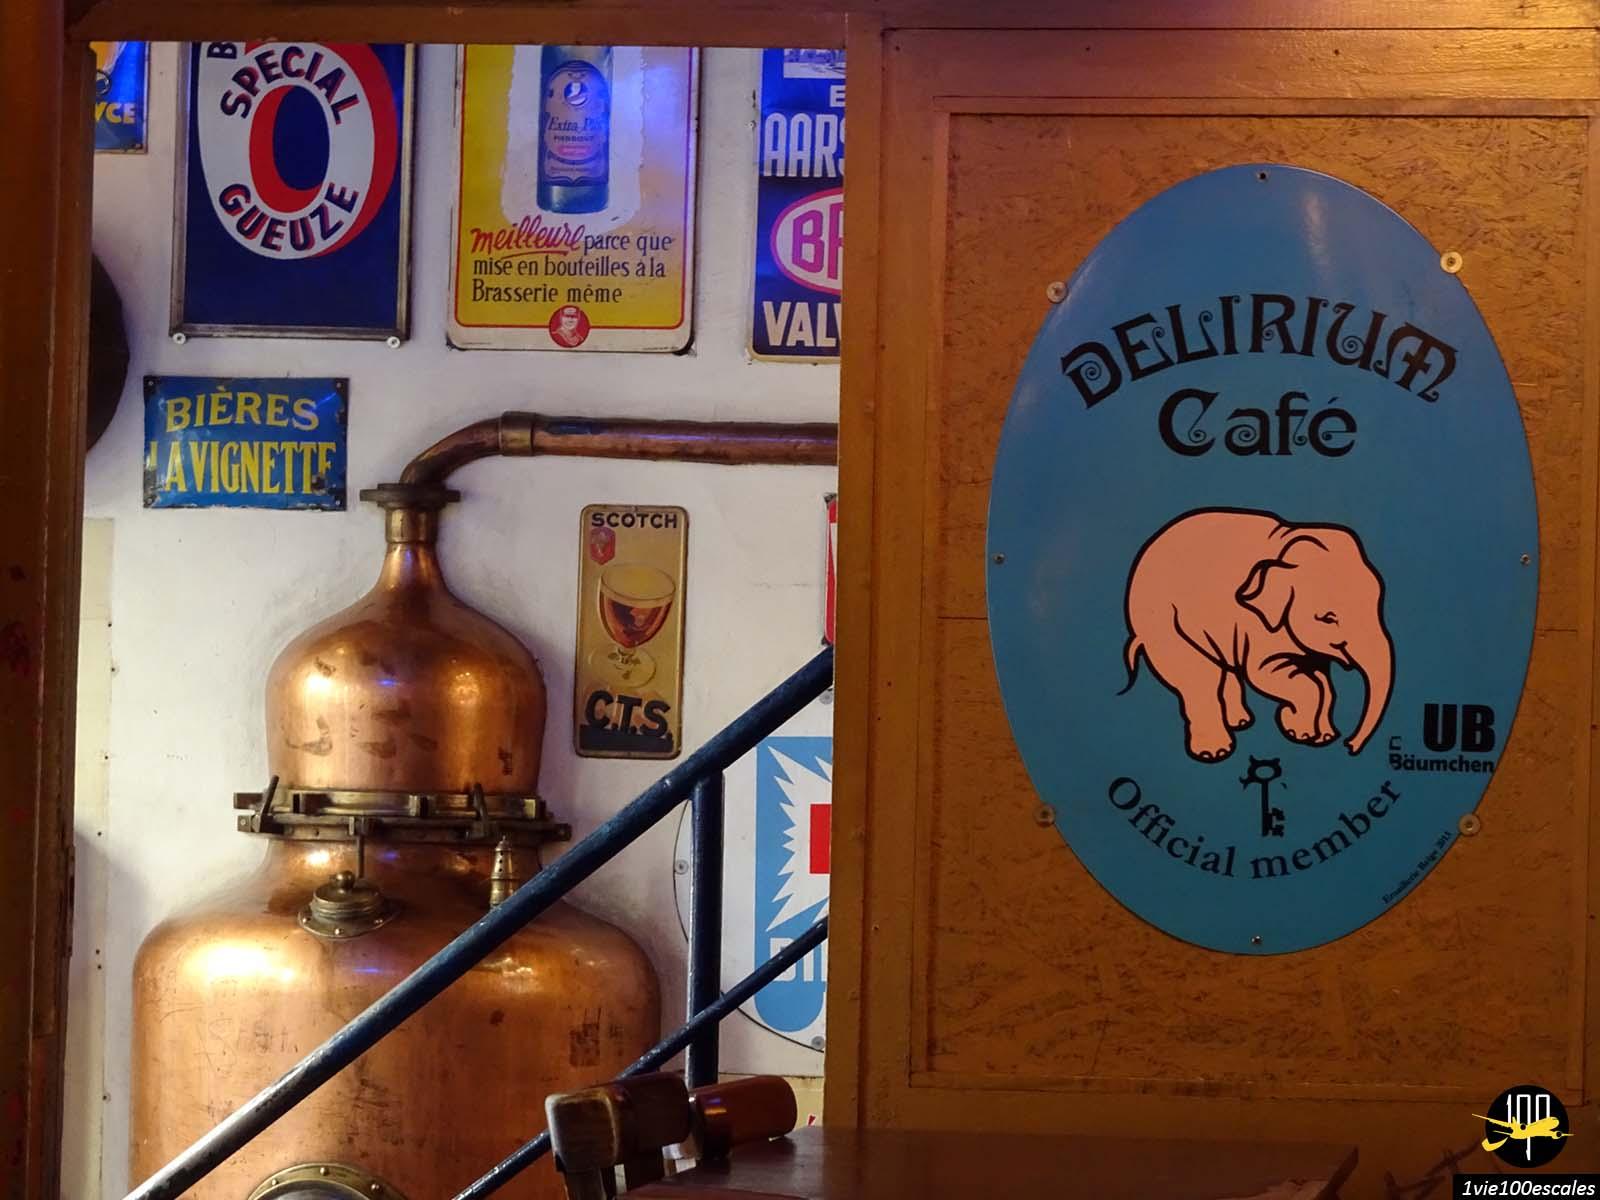 Le fameux delirium café et son record du monde en variétés de bières